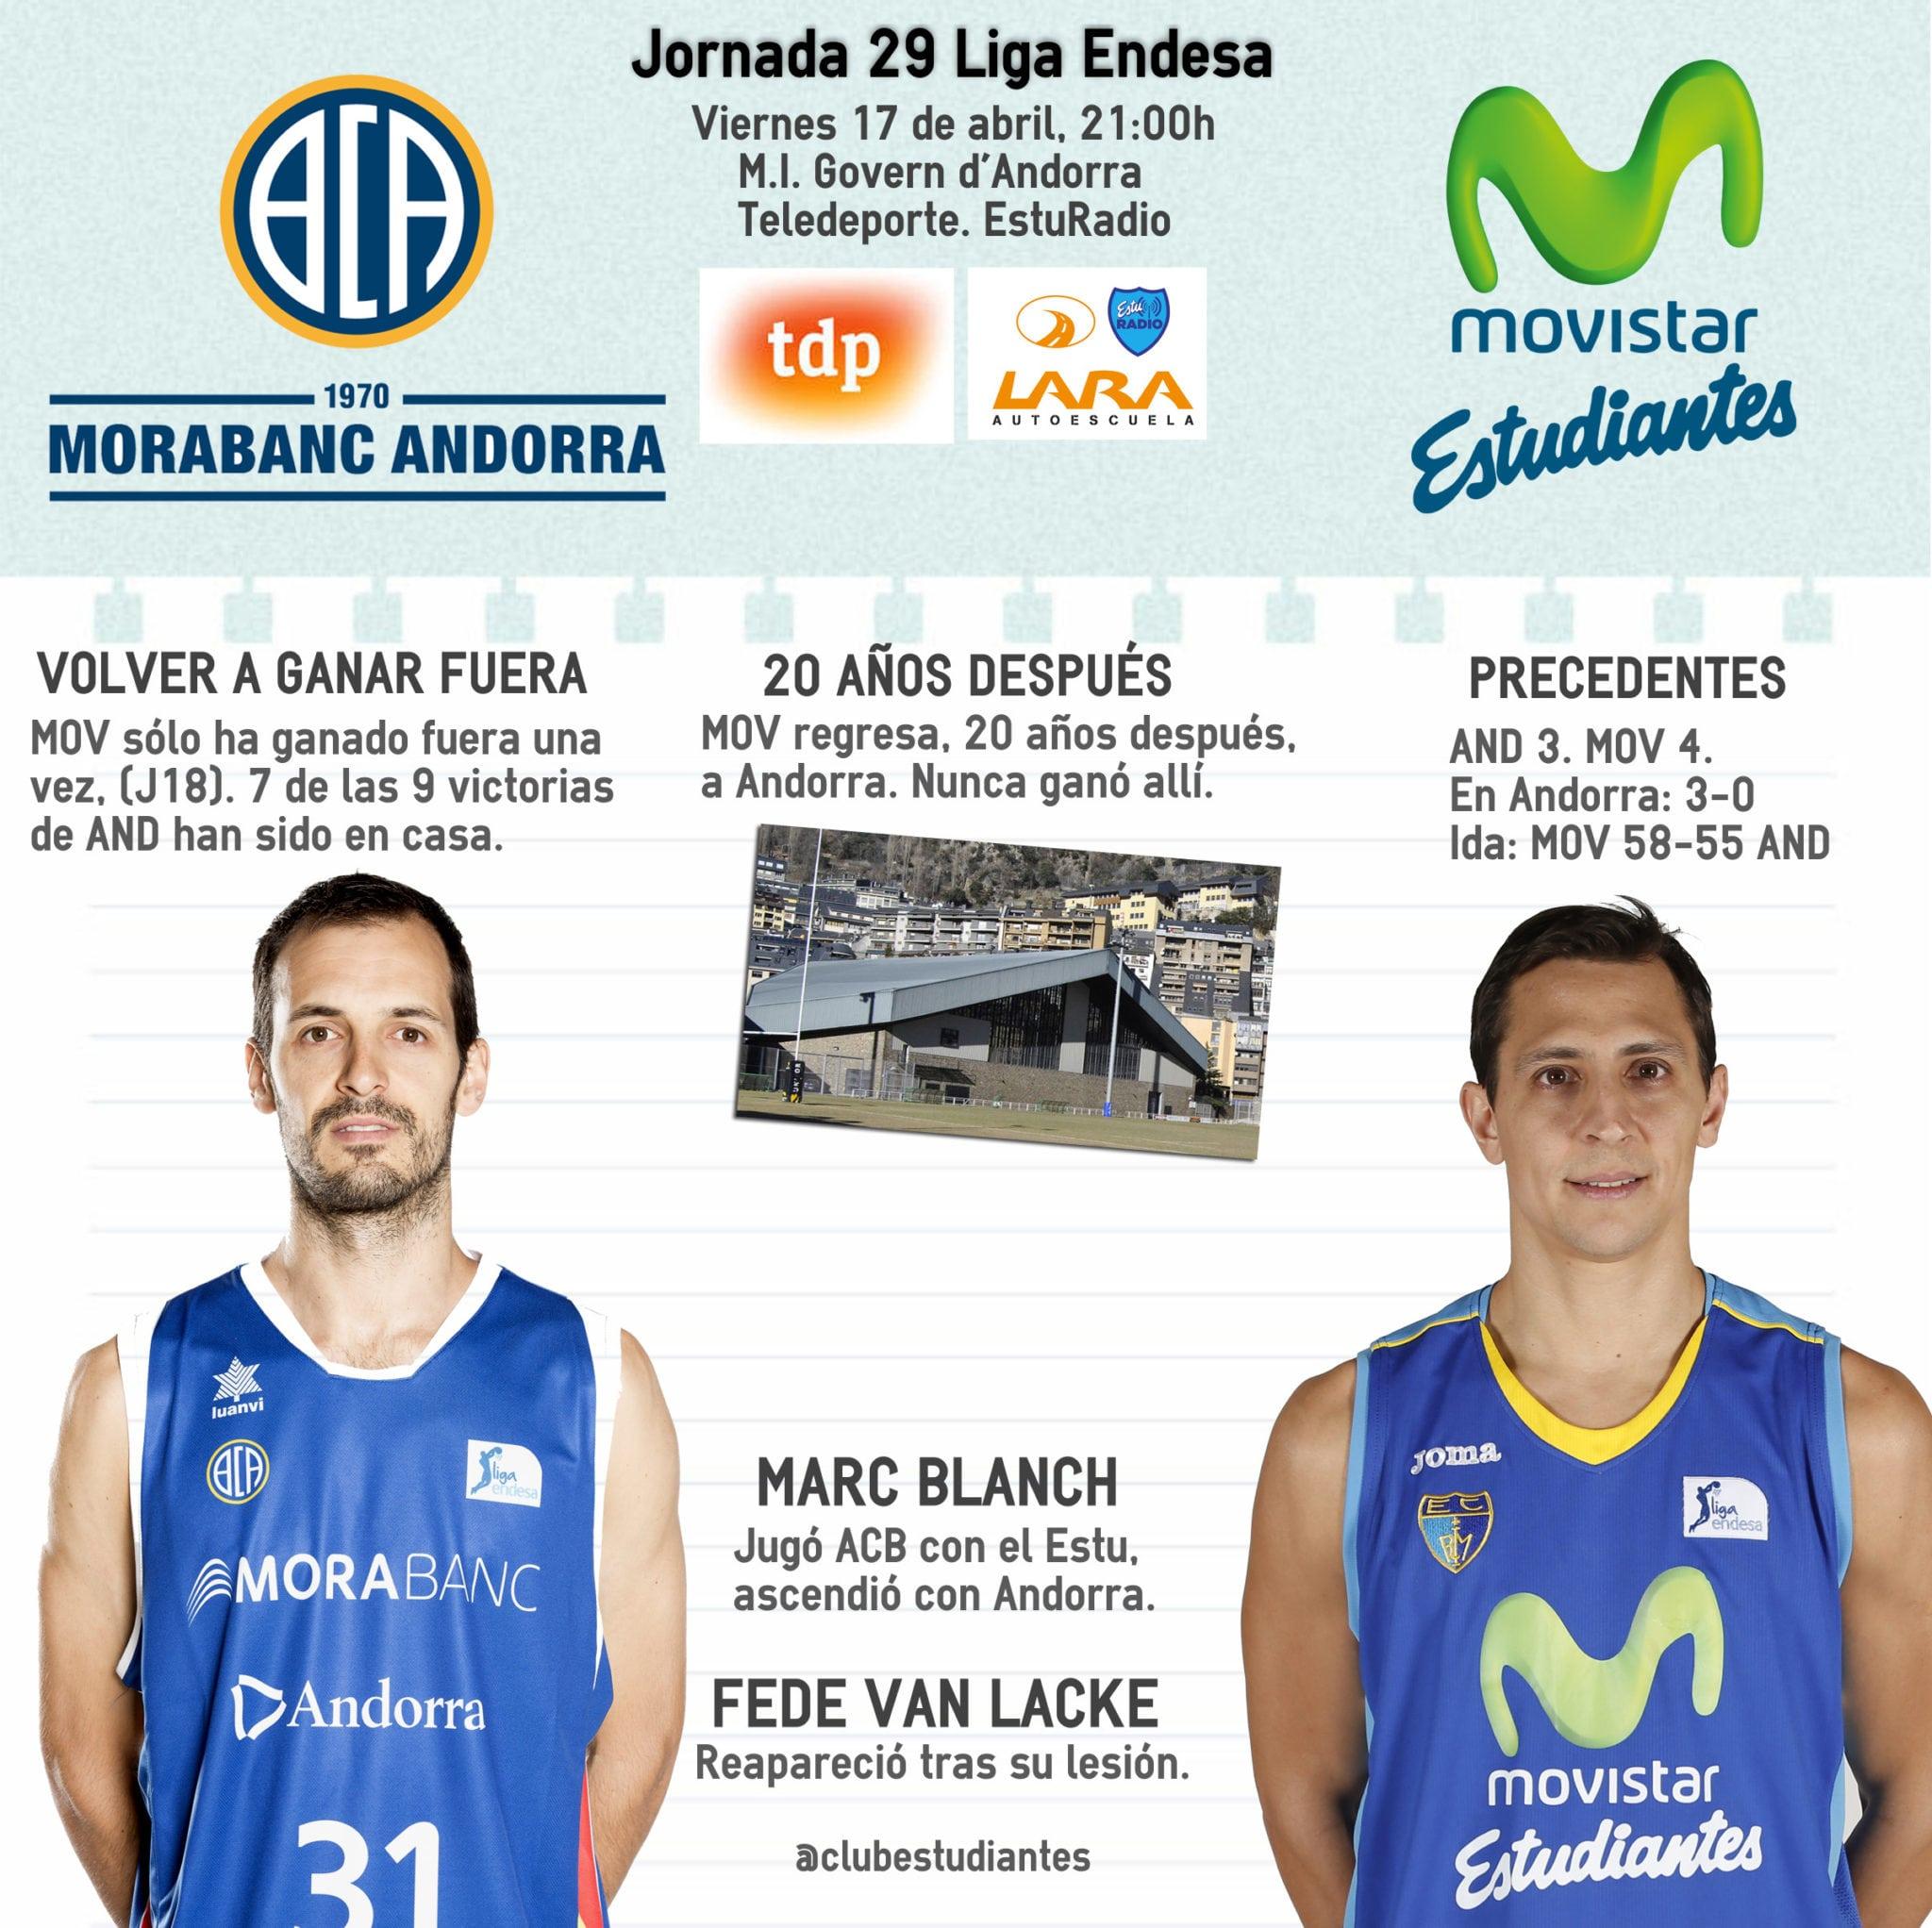 Morabanc Andorra- Movistar Estudiantes: a despejar dudas (viernes 21h, Teledeporte y EstuRadio)